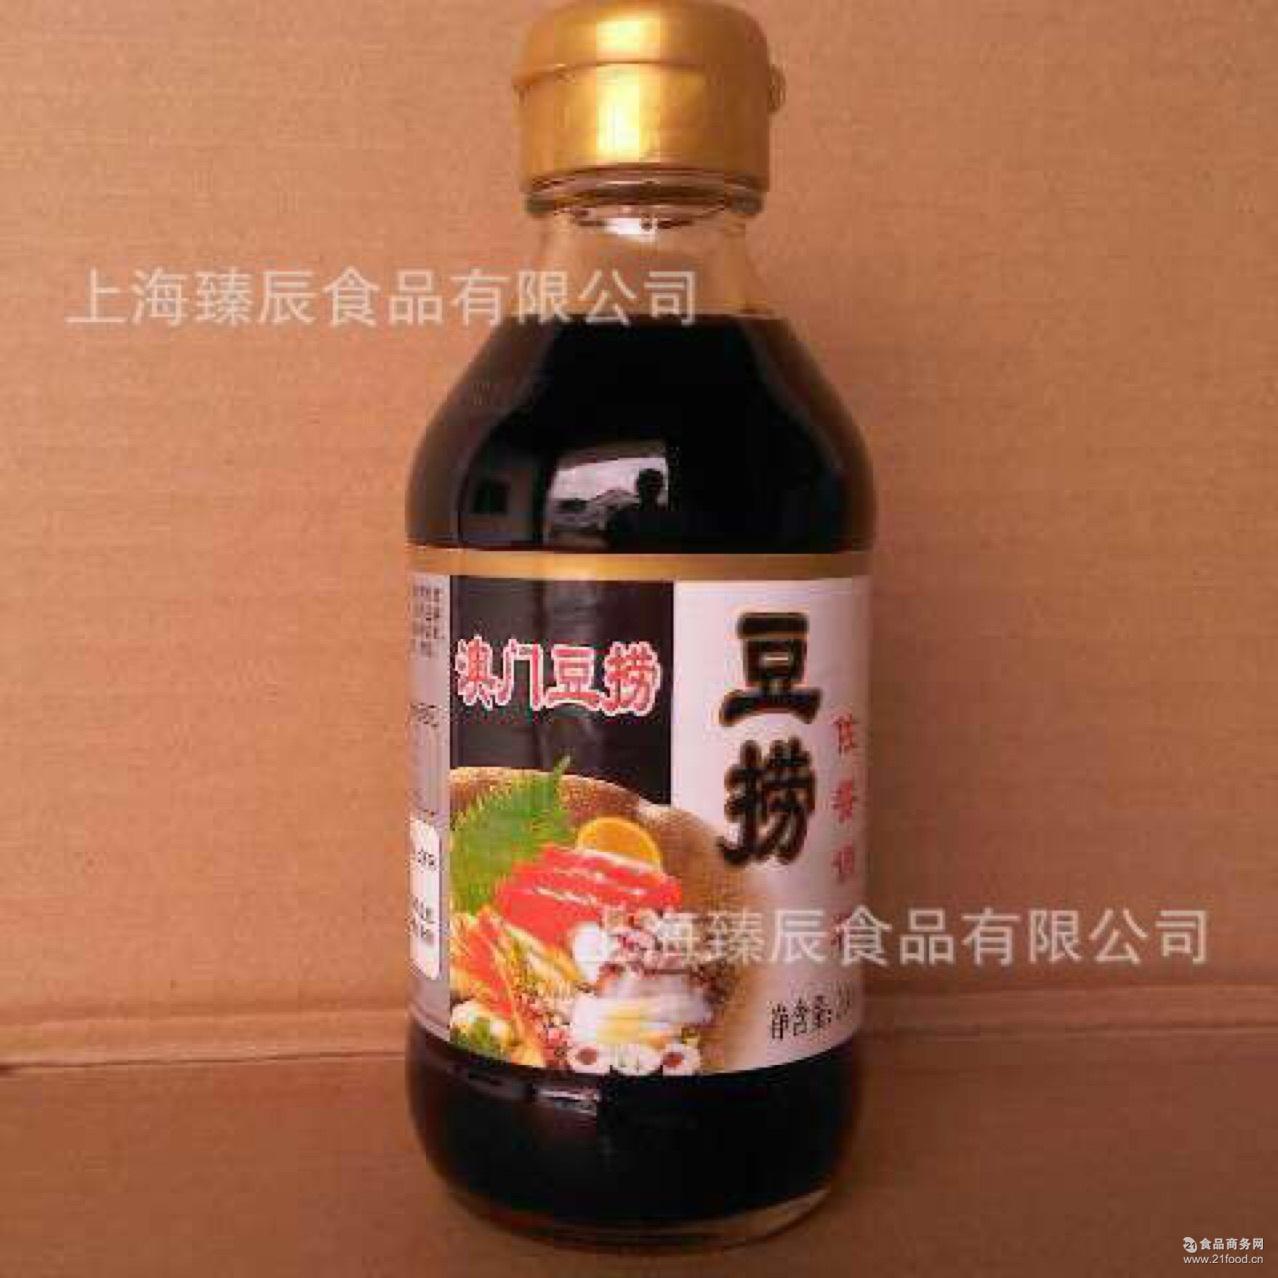 日式海鲜酱油 豆捞*酱油 澳门火锅豆捞酱油200g